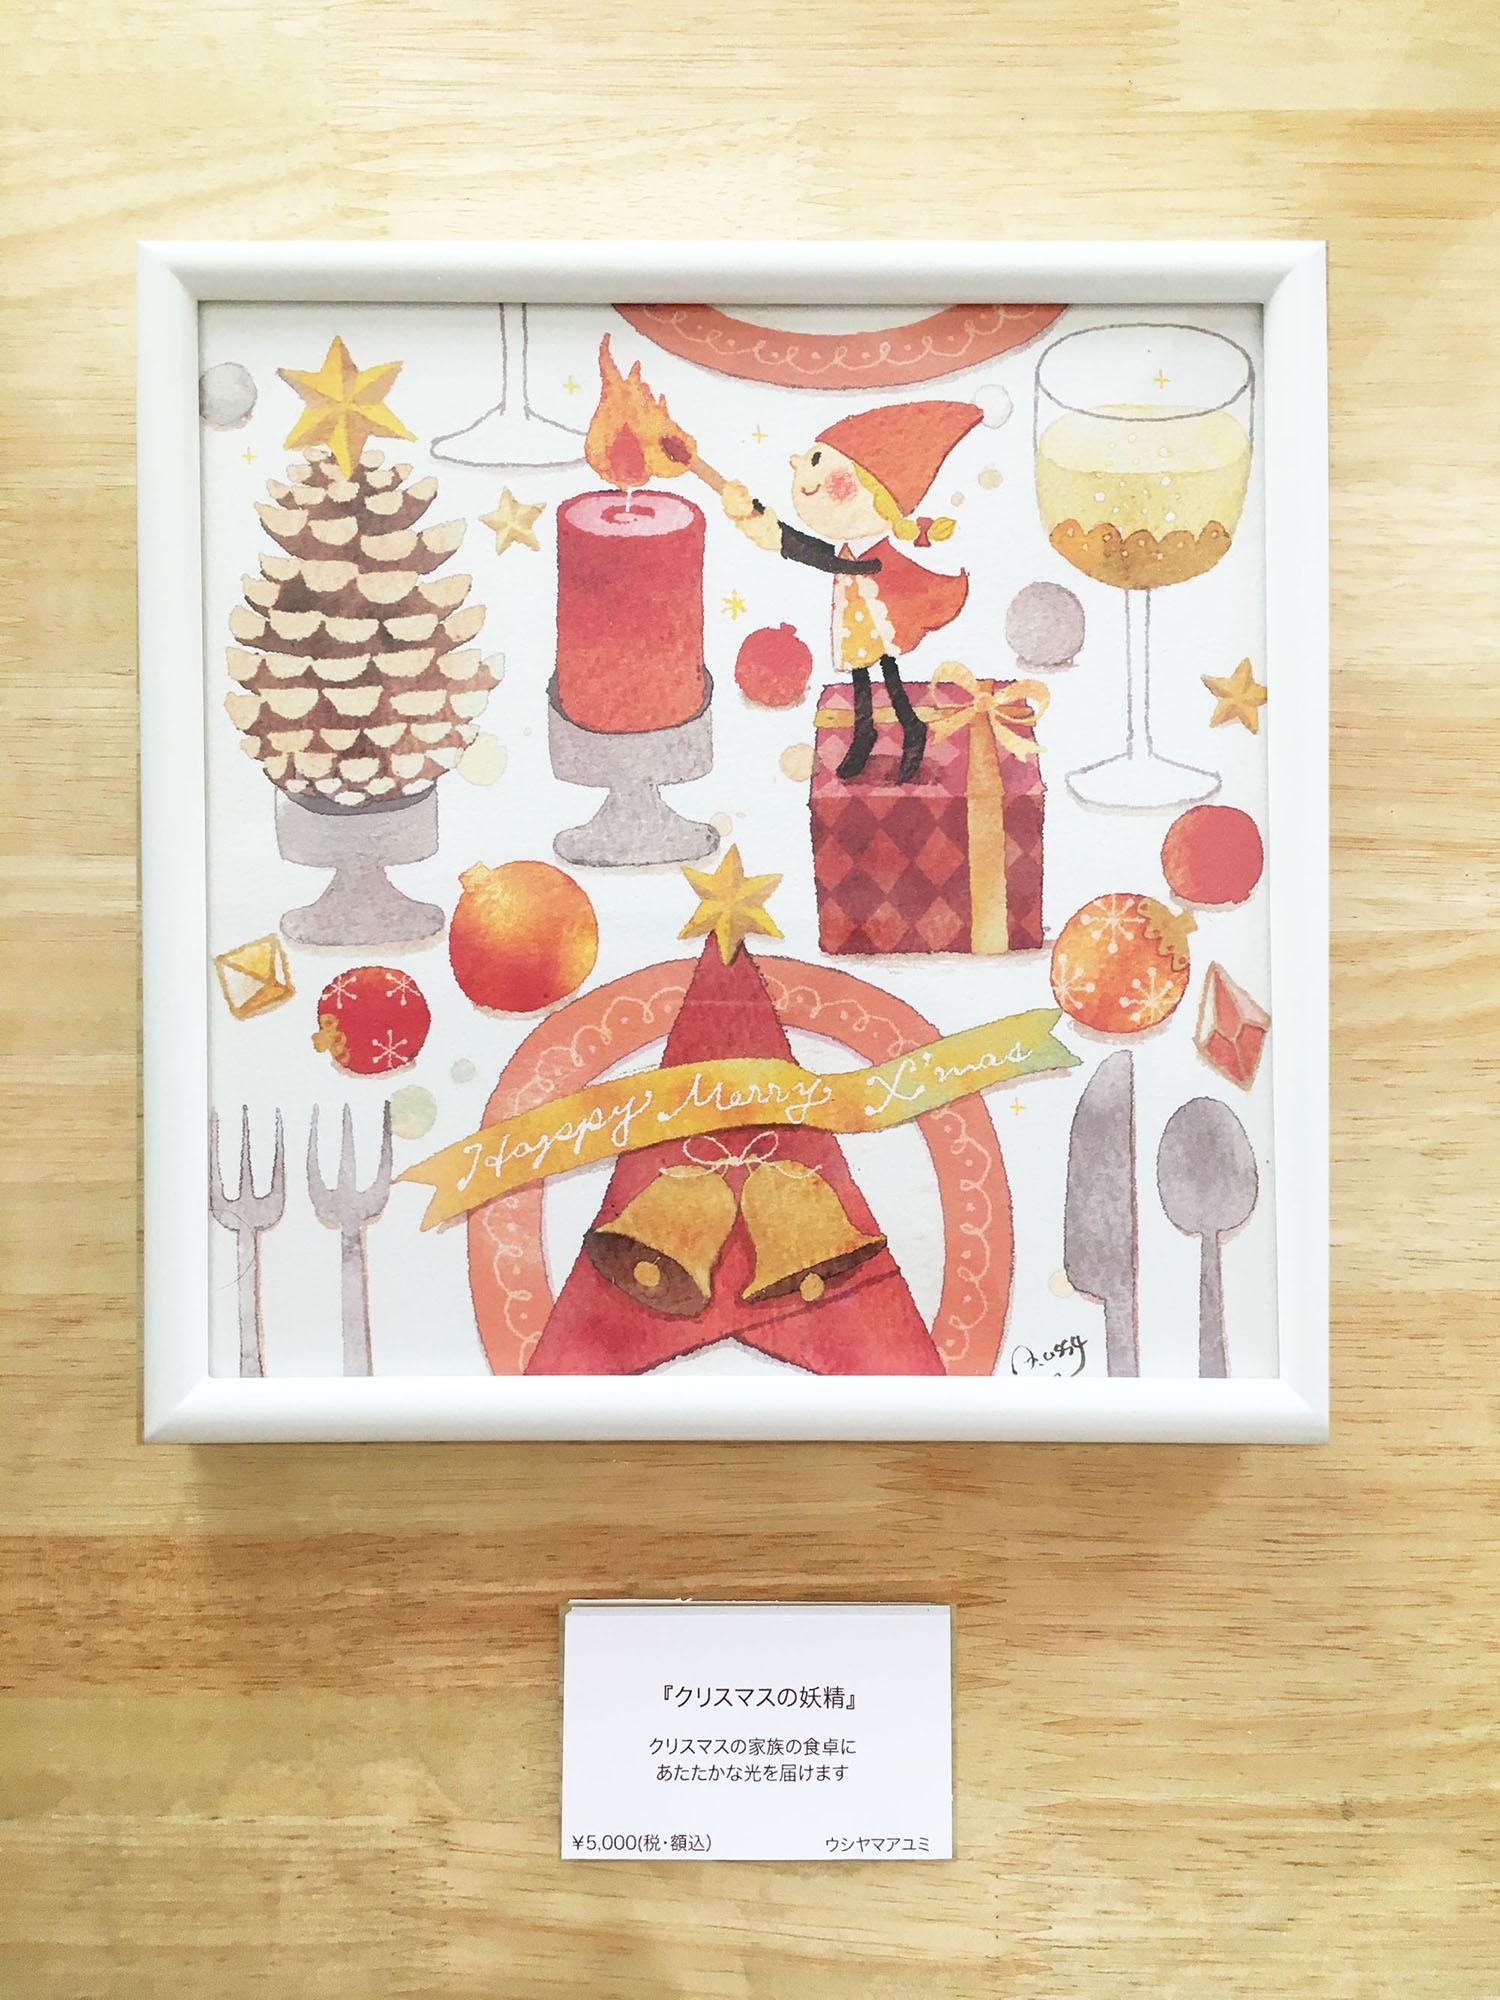 『クリスマスの妖精』<br>(水彩デジタルプリント)<br> W218×H218×D24mm(額寸)<br> ¥6,000(税・額込み)